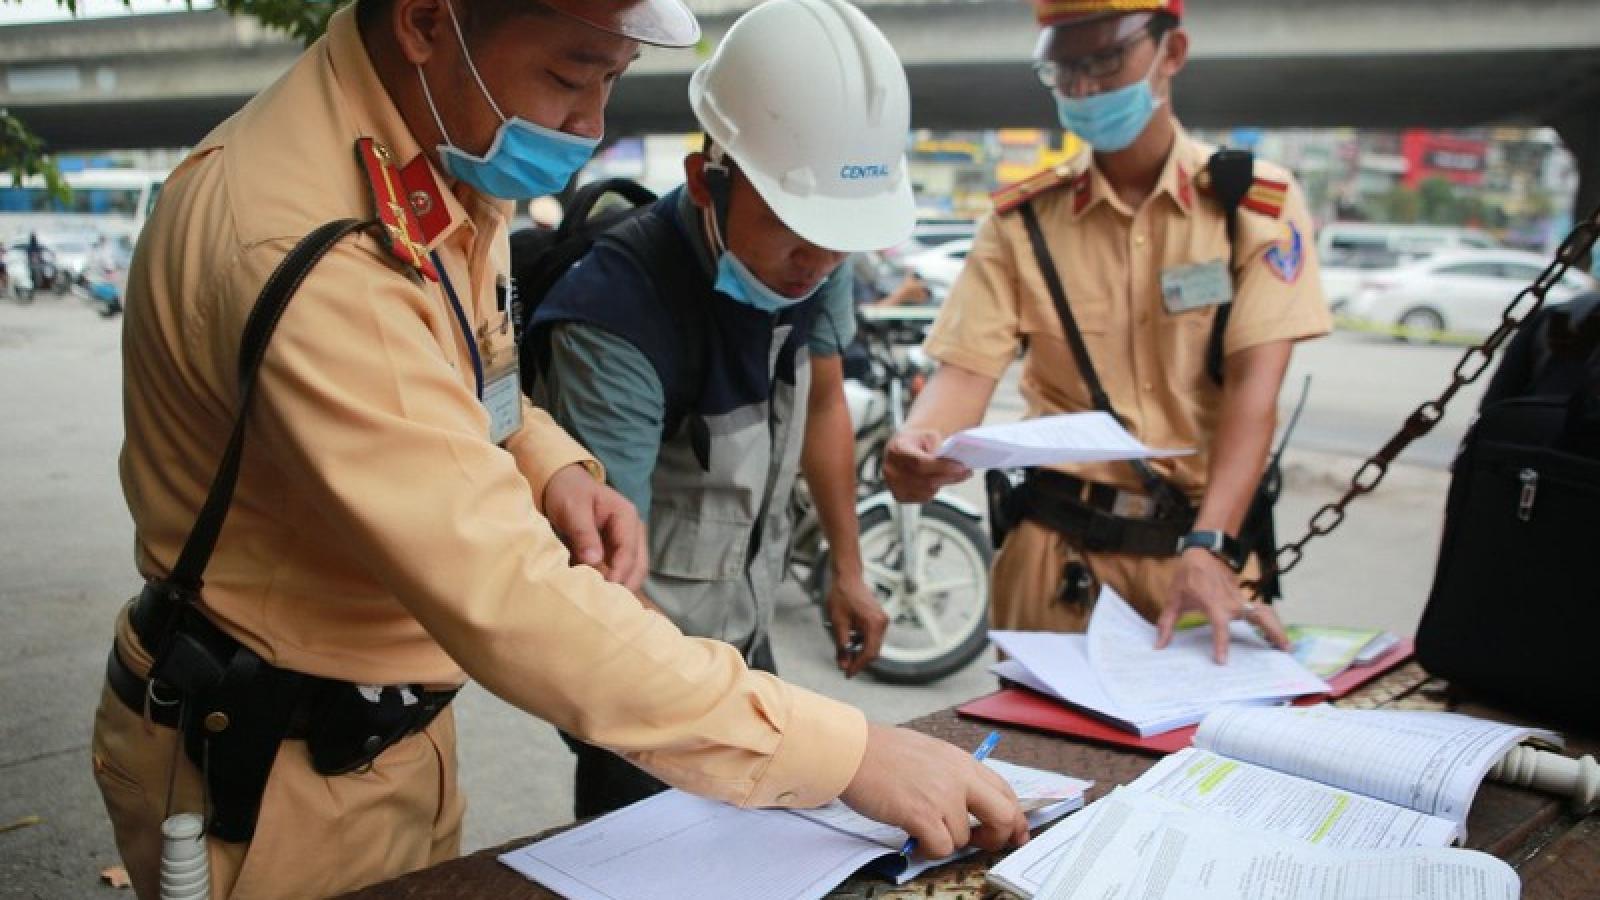 Hơn 2.000 trường hợp không đội mũ bảo hiểm bị phát hiện xử lý